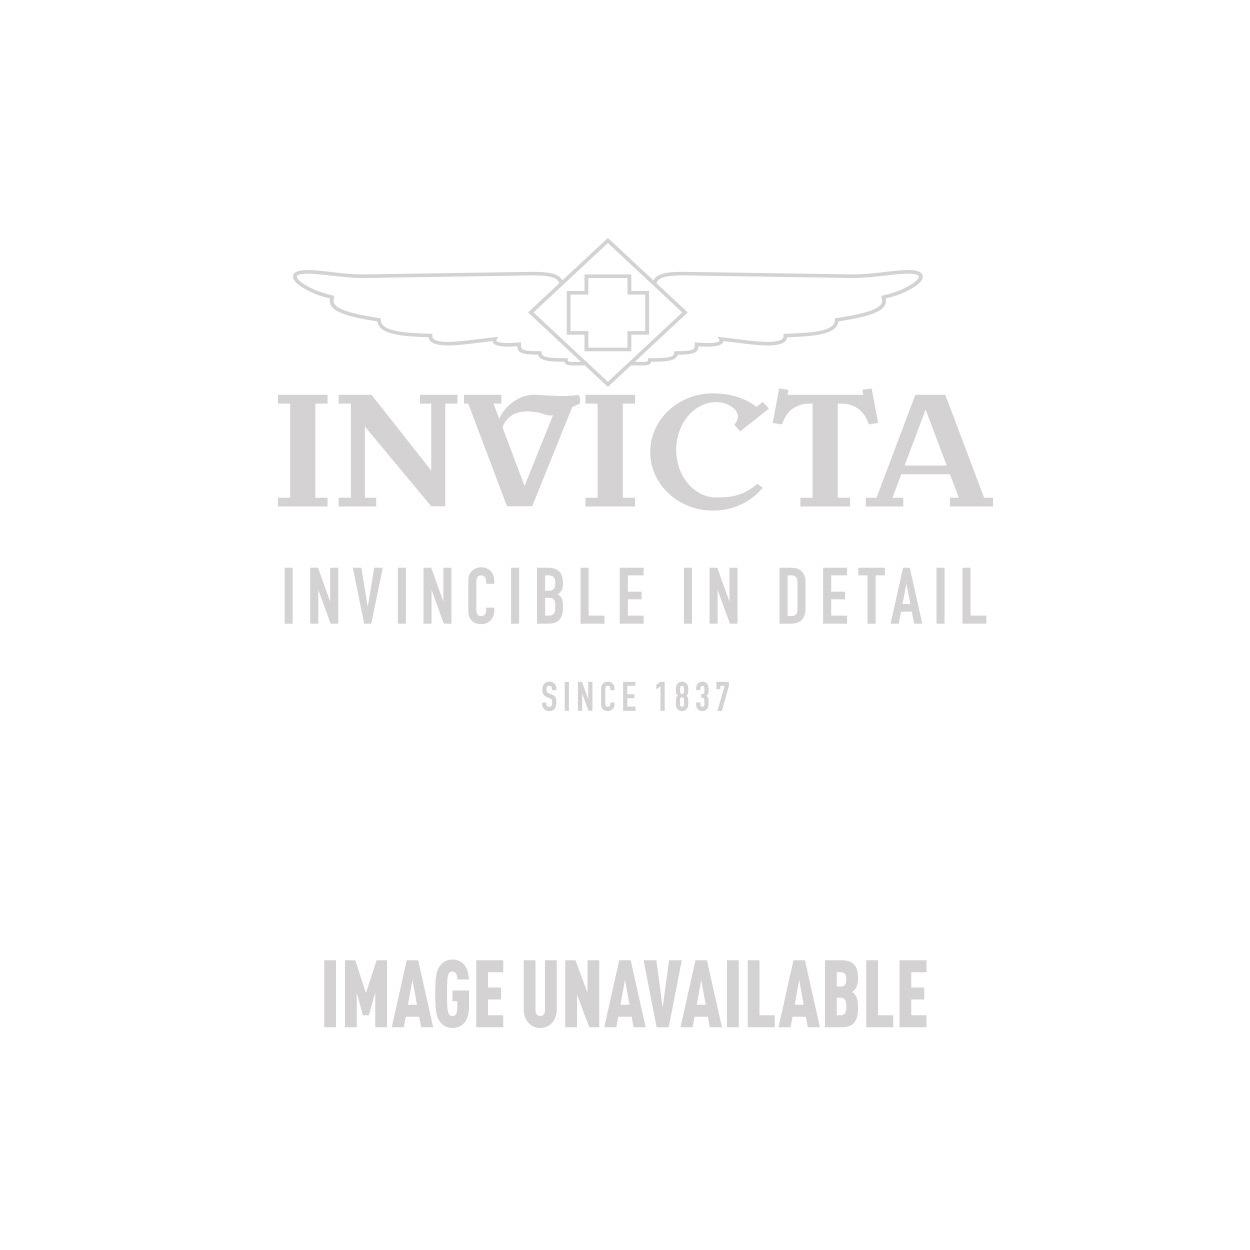 Invicta Model 25508